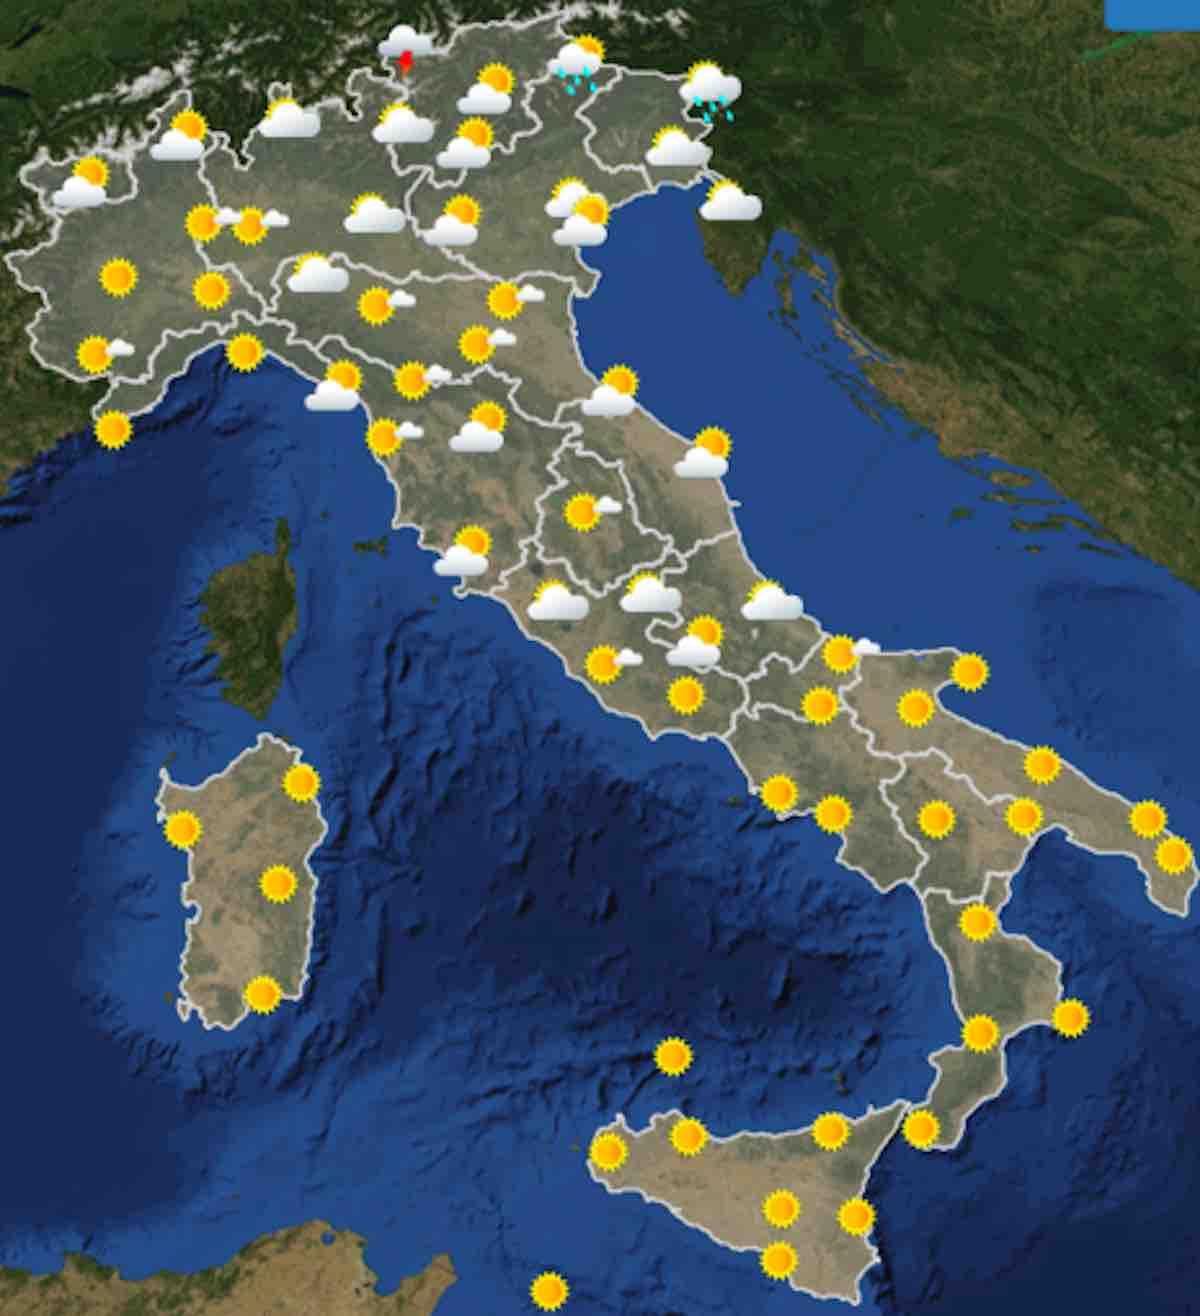 mappe ore 12 - Previsioni Meteo oggi domenica 21 luglio 2019 in Italia, tempo, temperature mari  e venti - meteoweek.com